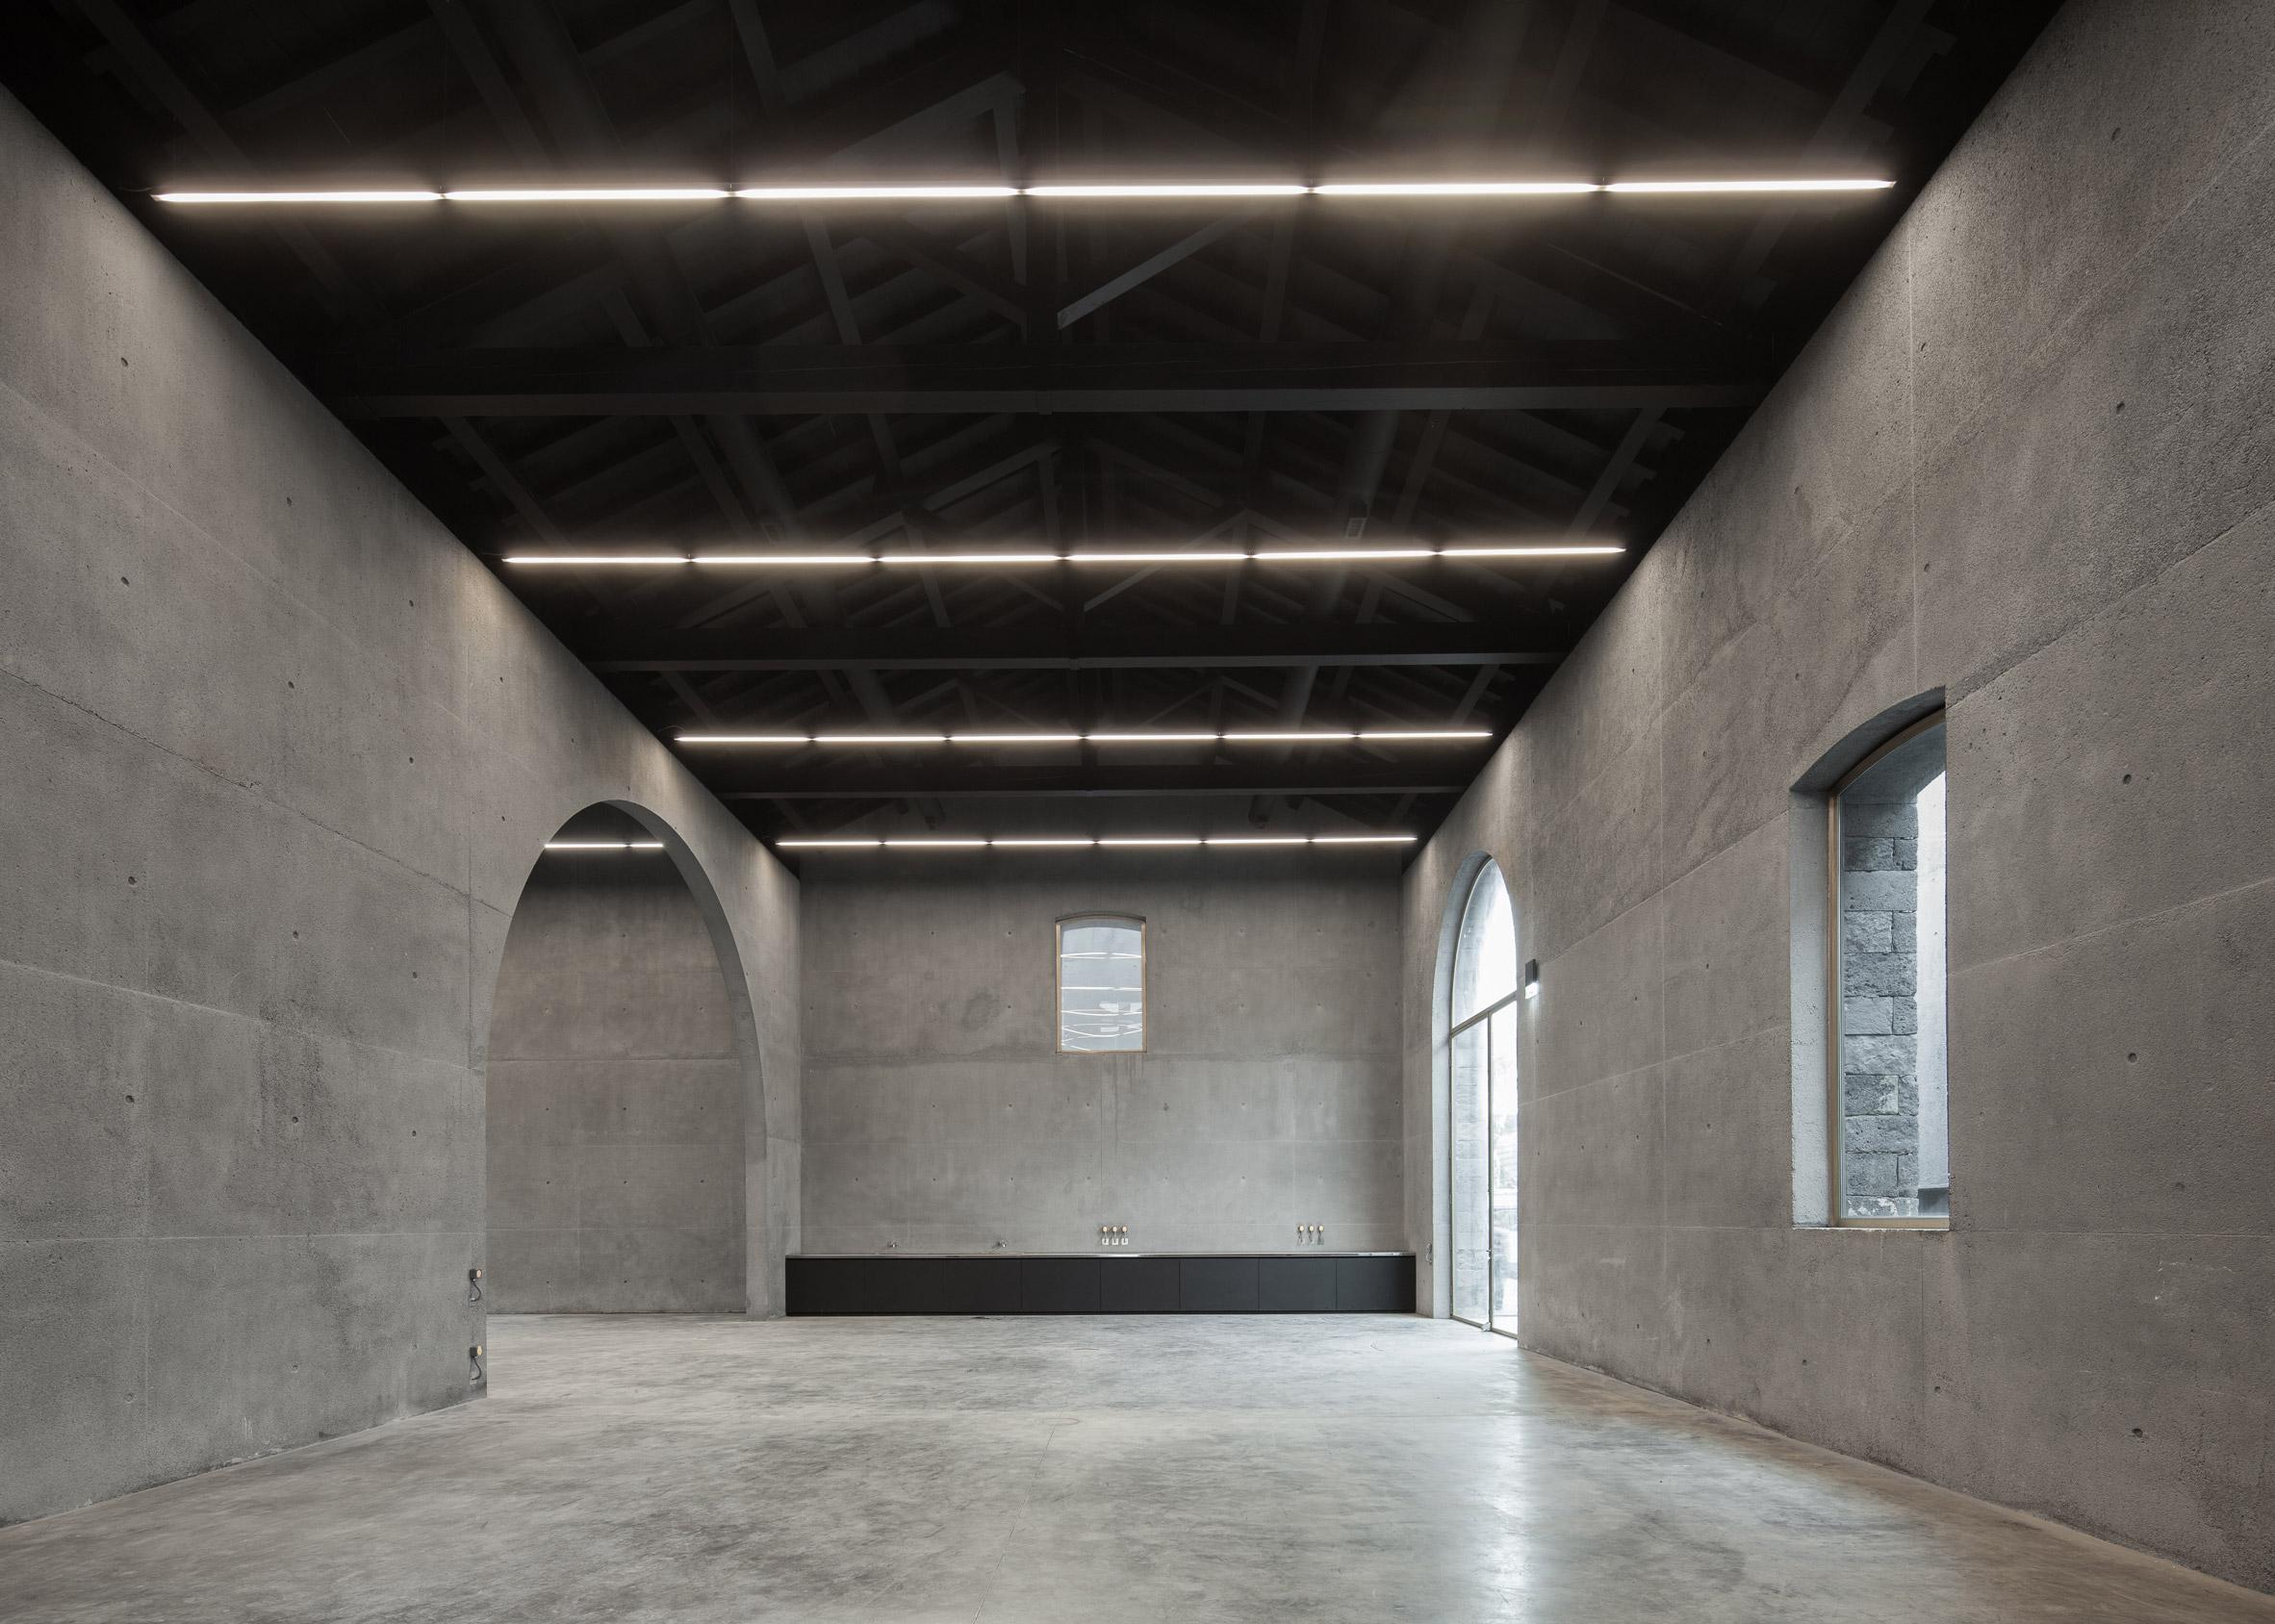 Arquipelago Contemporary Arts Centre by Menos é Mais Arquitectos and João Mendes Ribeiro